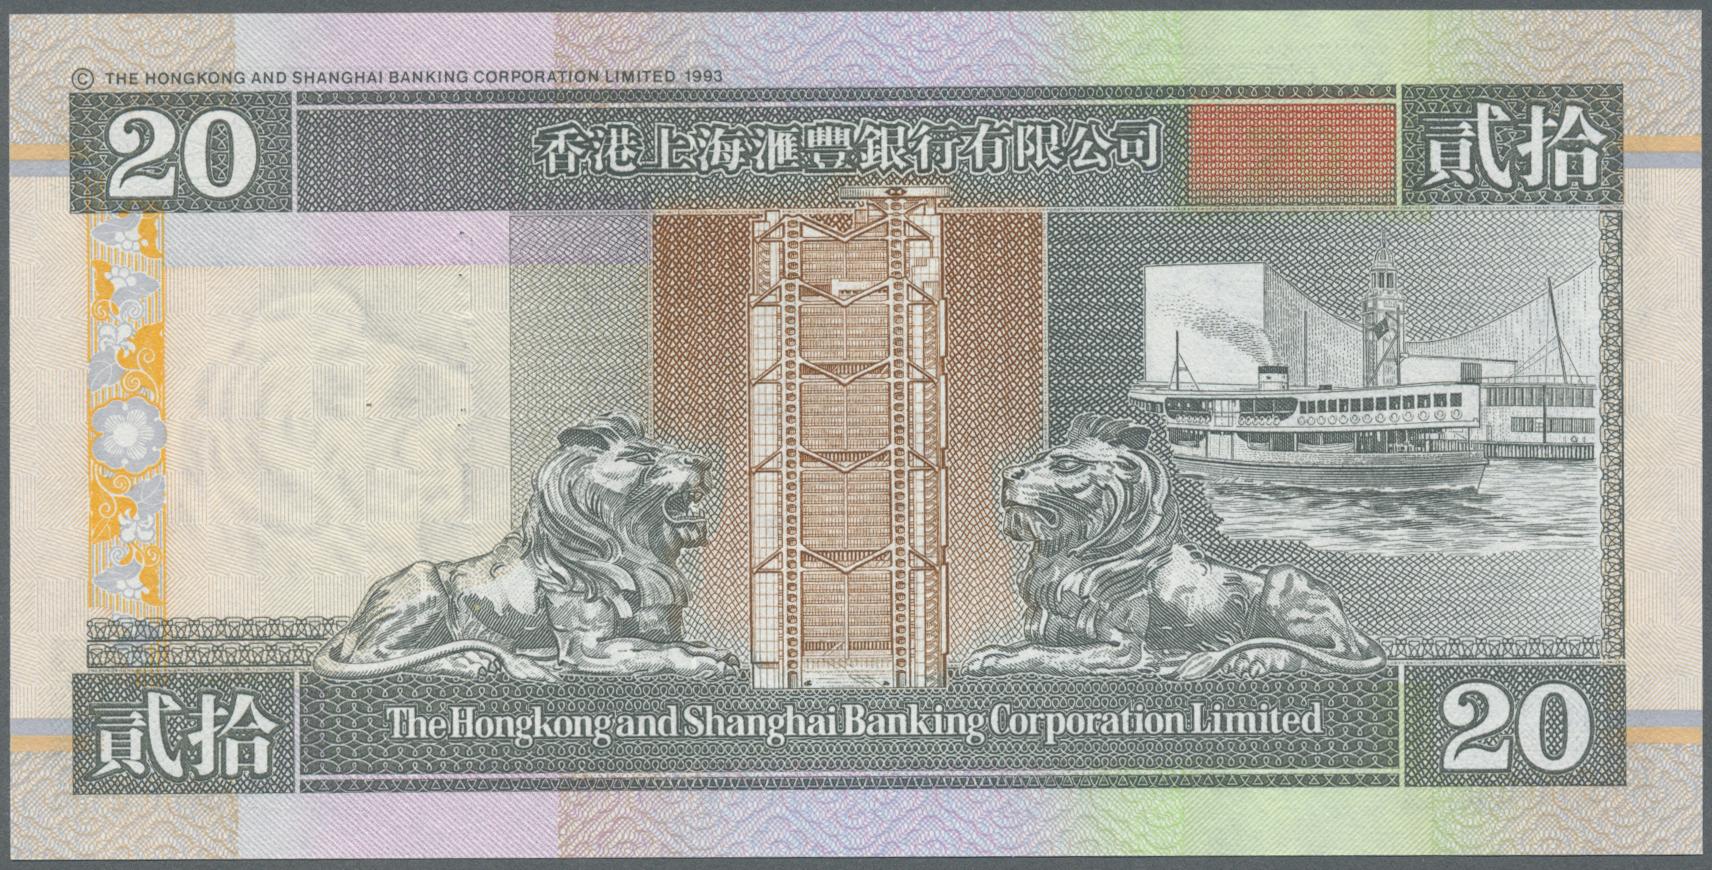 HONG KONG 10 DOLLARS 1986 P 191 UNC